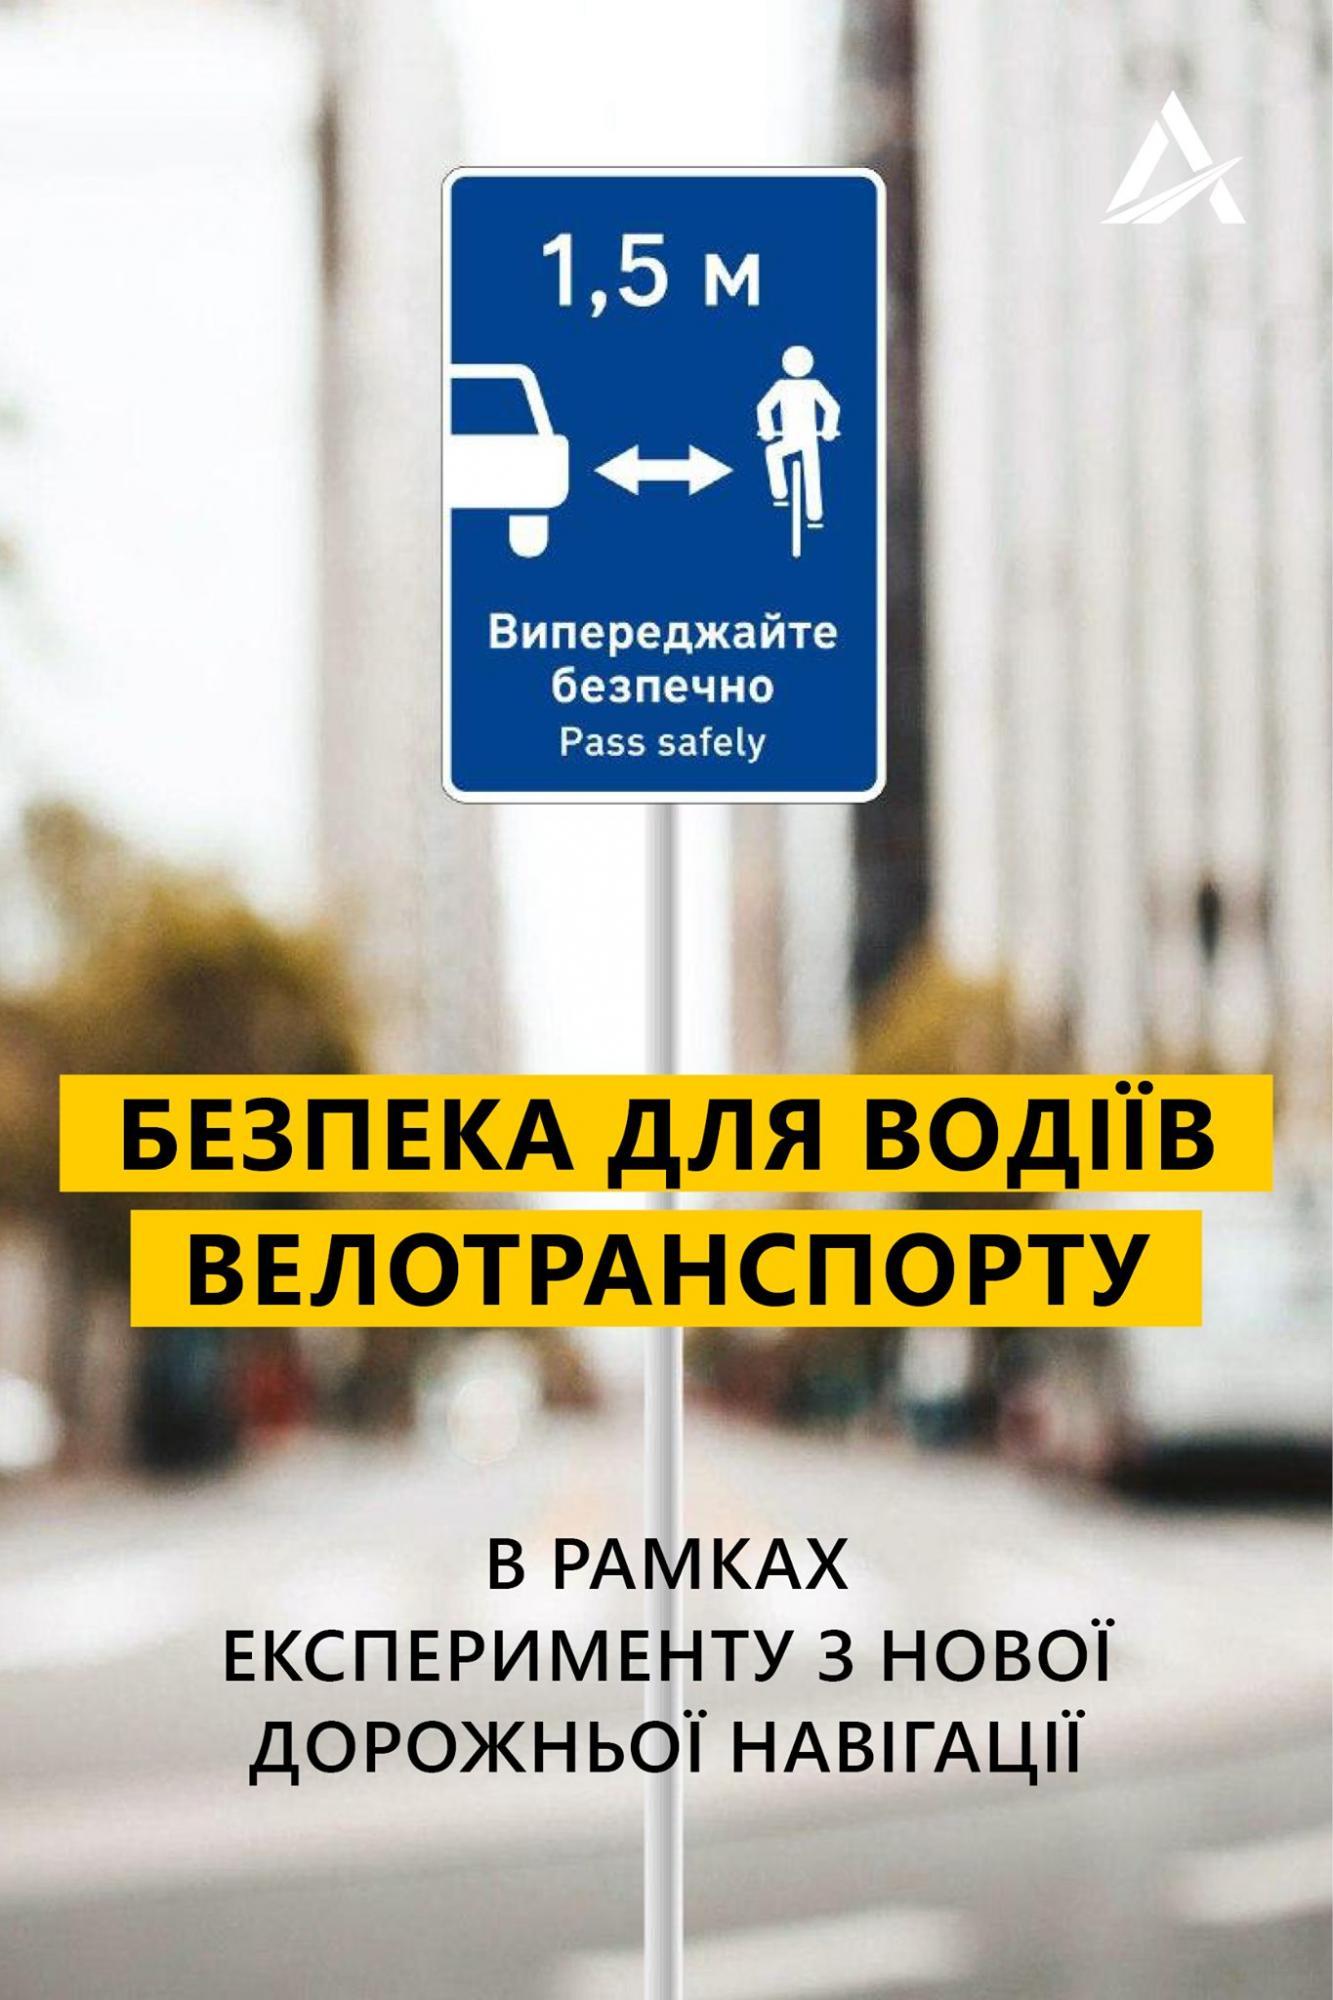 На украинских дорогах появились новые знаки: что они означают